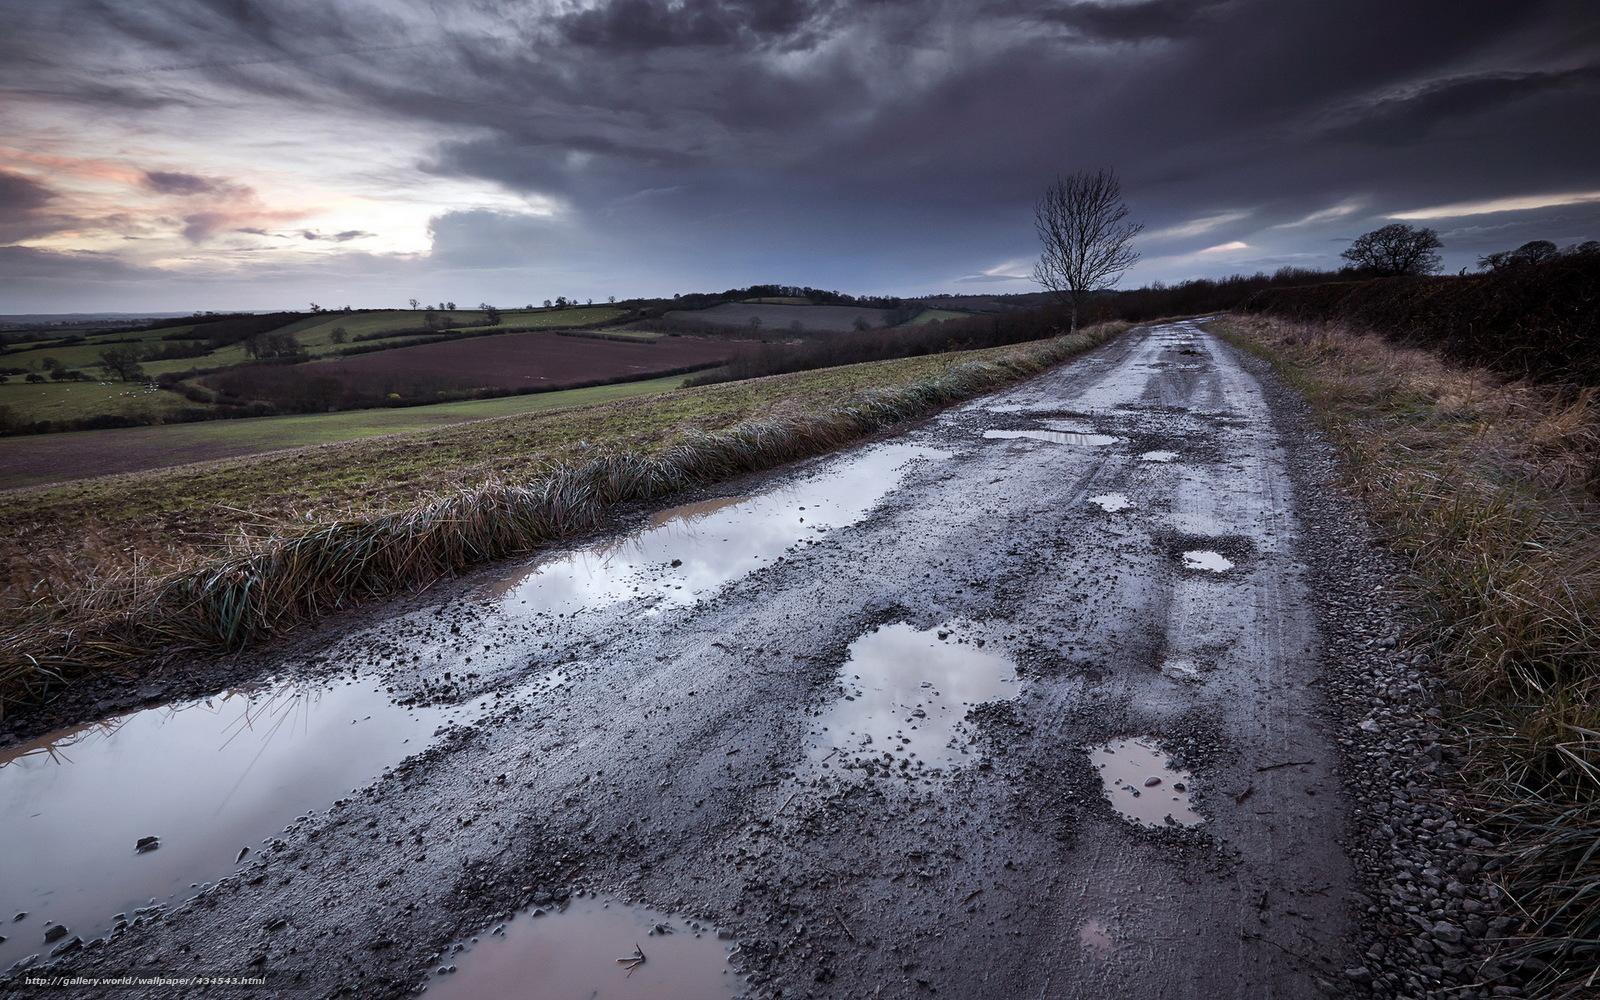 Размытые дороги, затопленные и обесточенные дома, уничтоженный урожай: последствия ливней в Молдове